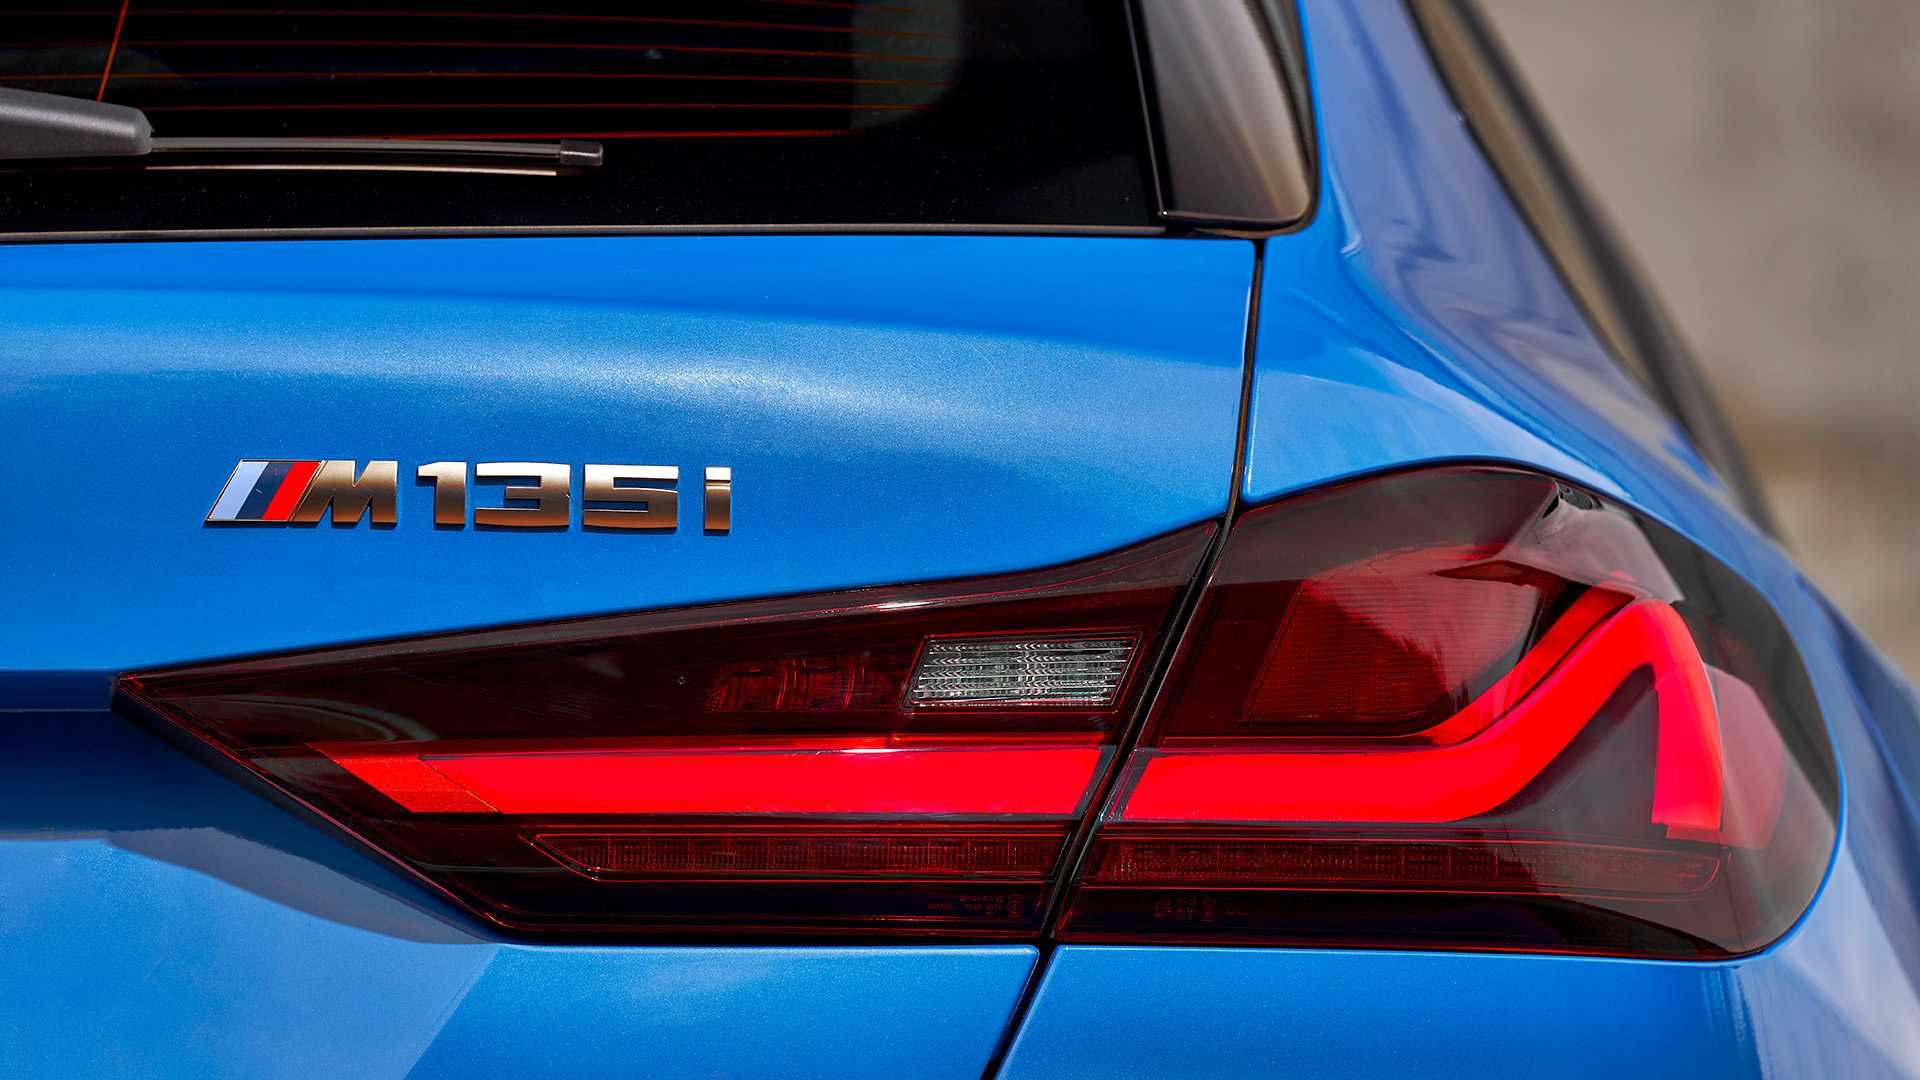 BMW 1 Series thế hệ mới, chiếc hatchback cỡ nhỏ chất không kém đàn anh X2 4